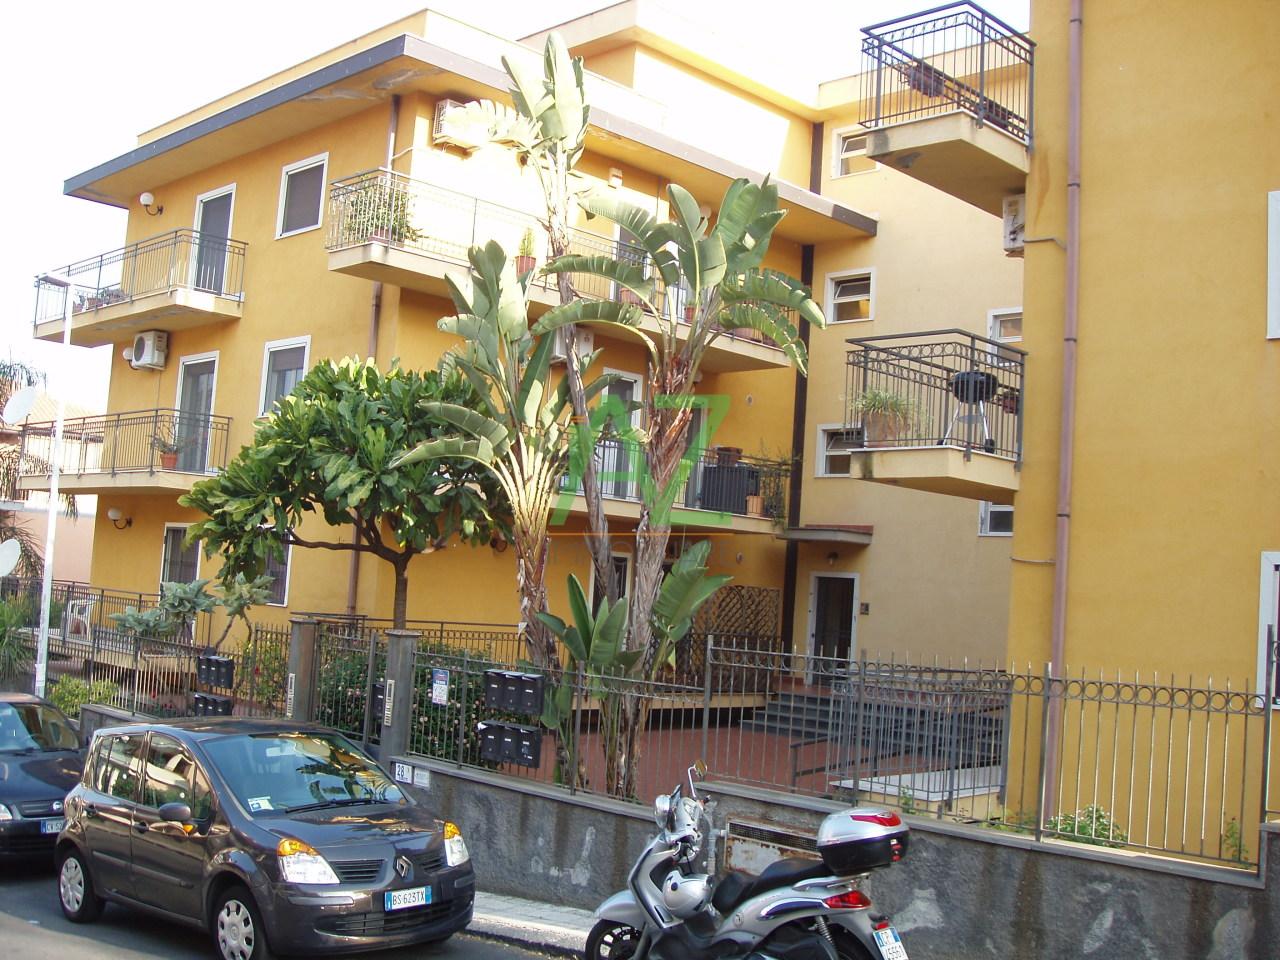 Appartamento in affitto a Motta Sant'Anastasia, 4 locali, prezzo € 425 | Cambio Casa.it